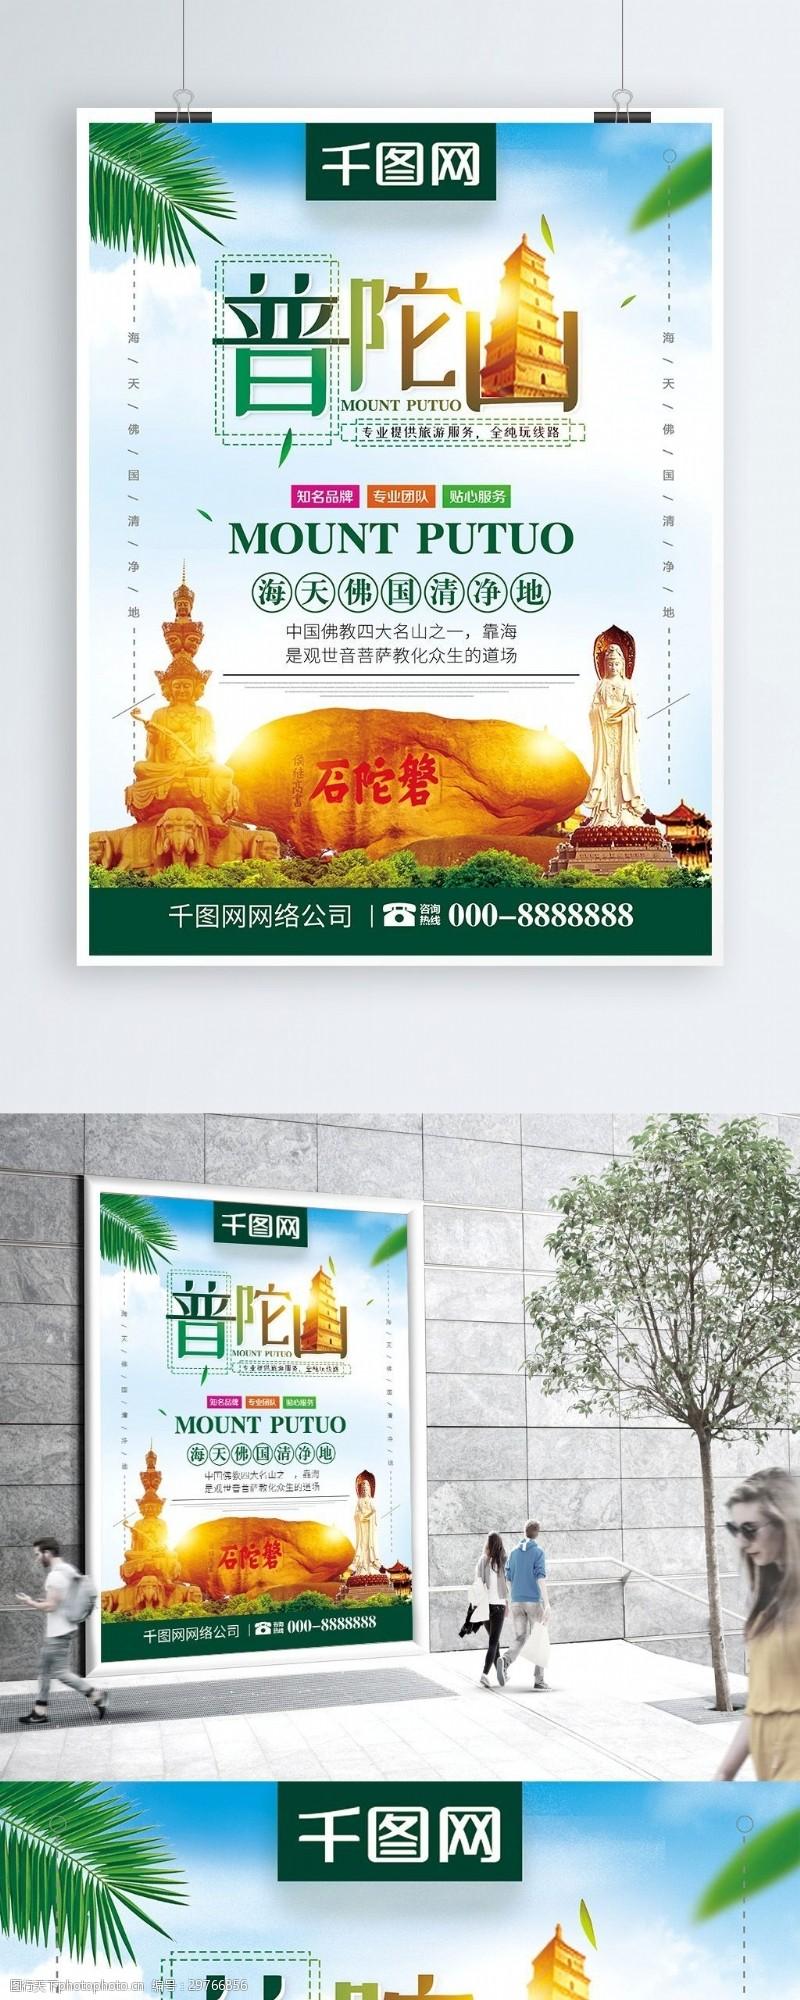 海天佛国小清新创意字体普陀山旅游名山旅游海报